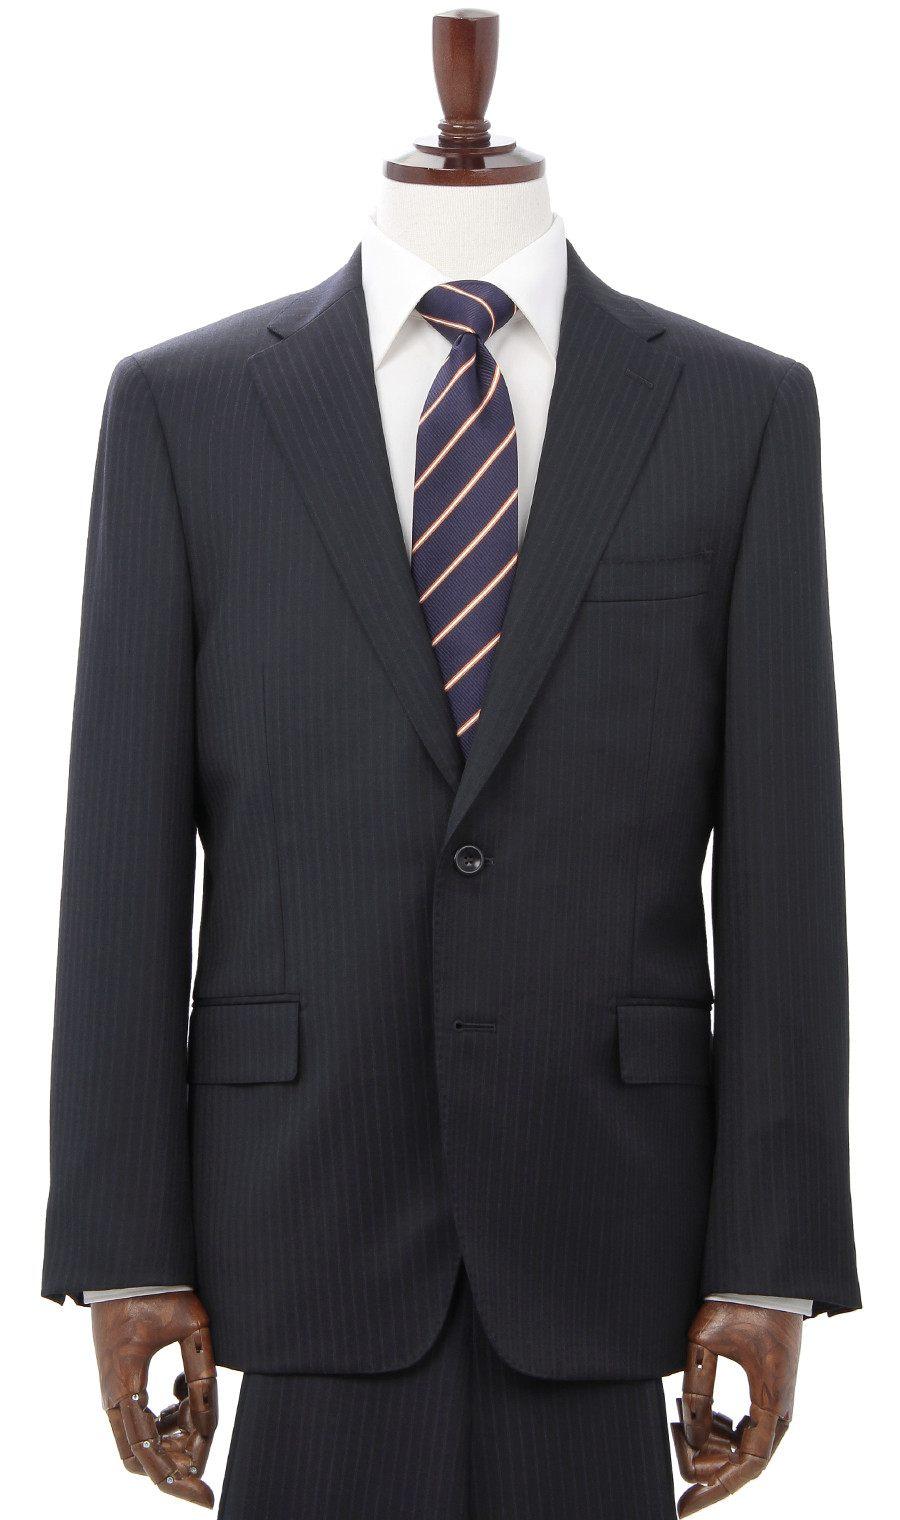 青山商事 推荐西装品牌:日本制的「HILTON」(99000日圆不含税)